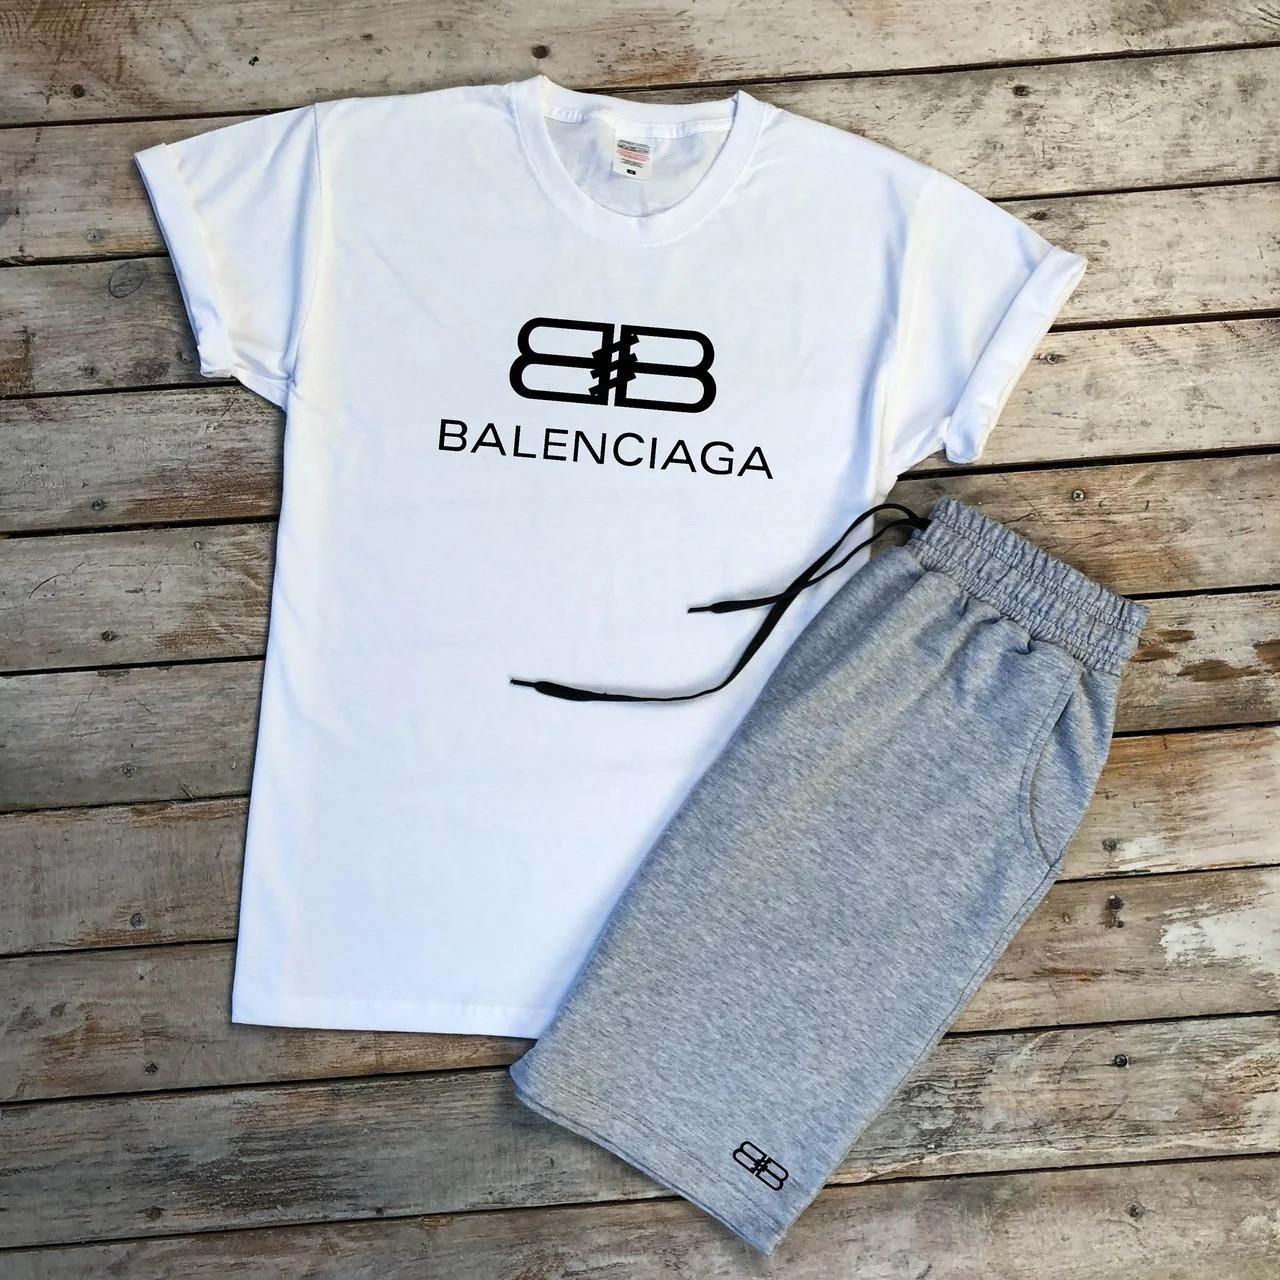 Футболка и шорты Balenciaga белого и серого цвета